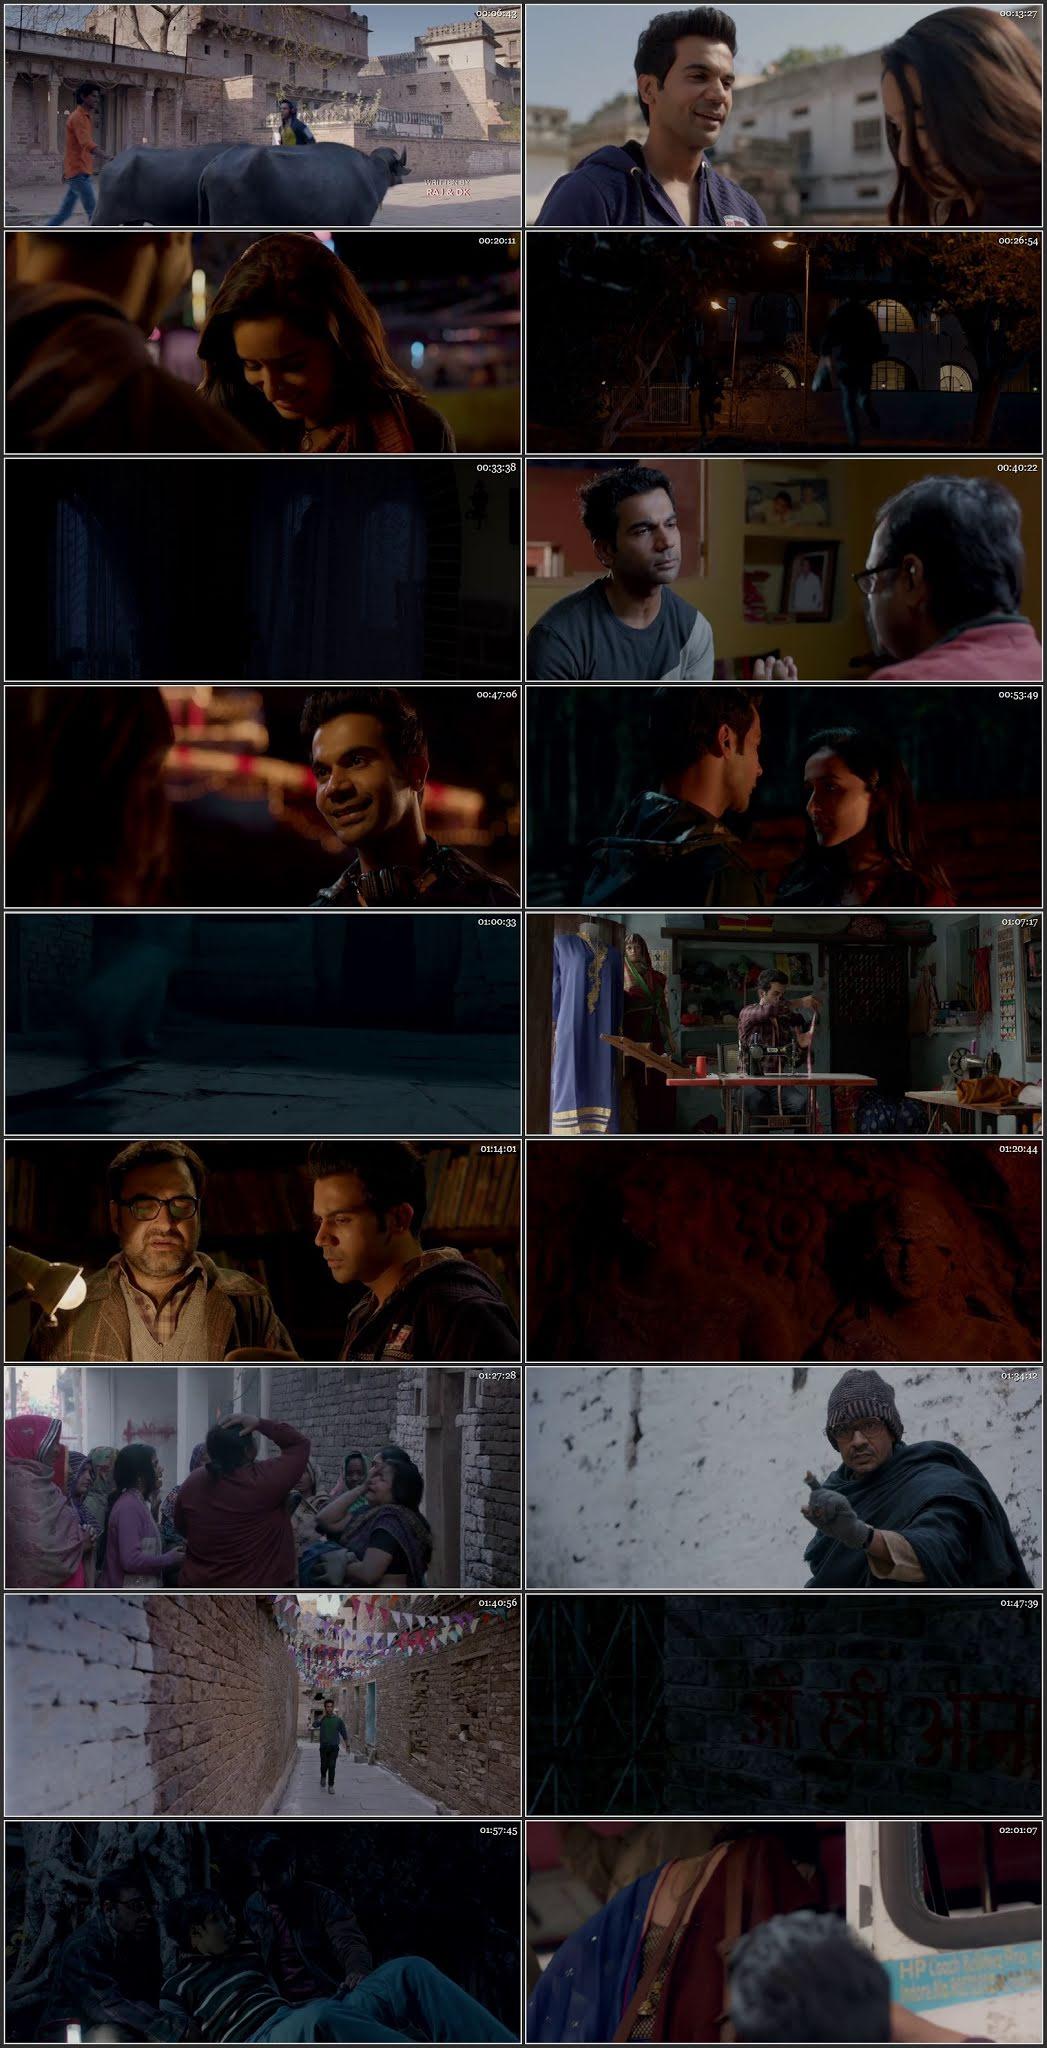 Stree%2B%25282018%2529%2B1.28GB%2B720P%2BHDRip%2BHindi%2BMovie Stree 2018 Full Movie Download 300MB HD 720P HEVC Free Hindi